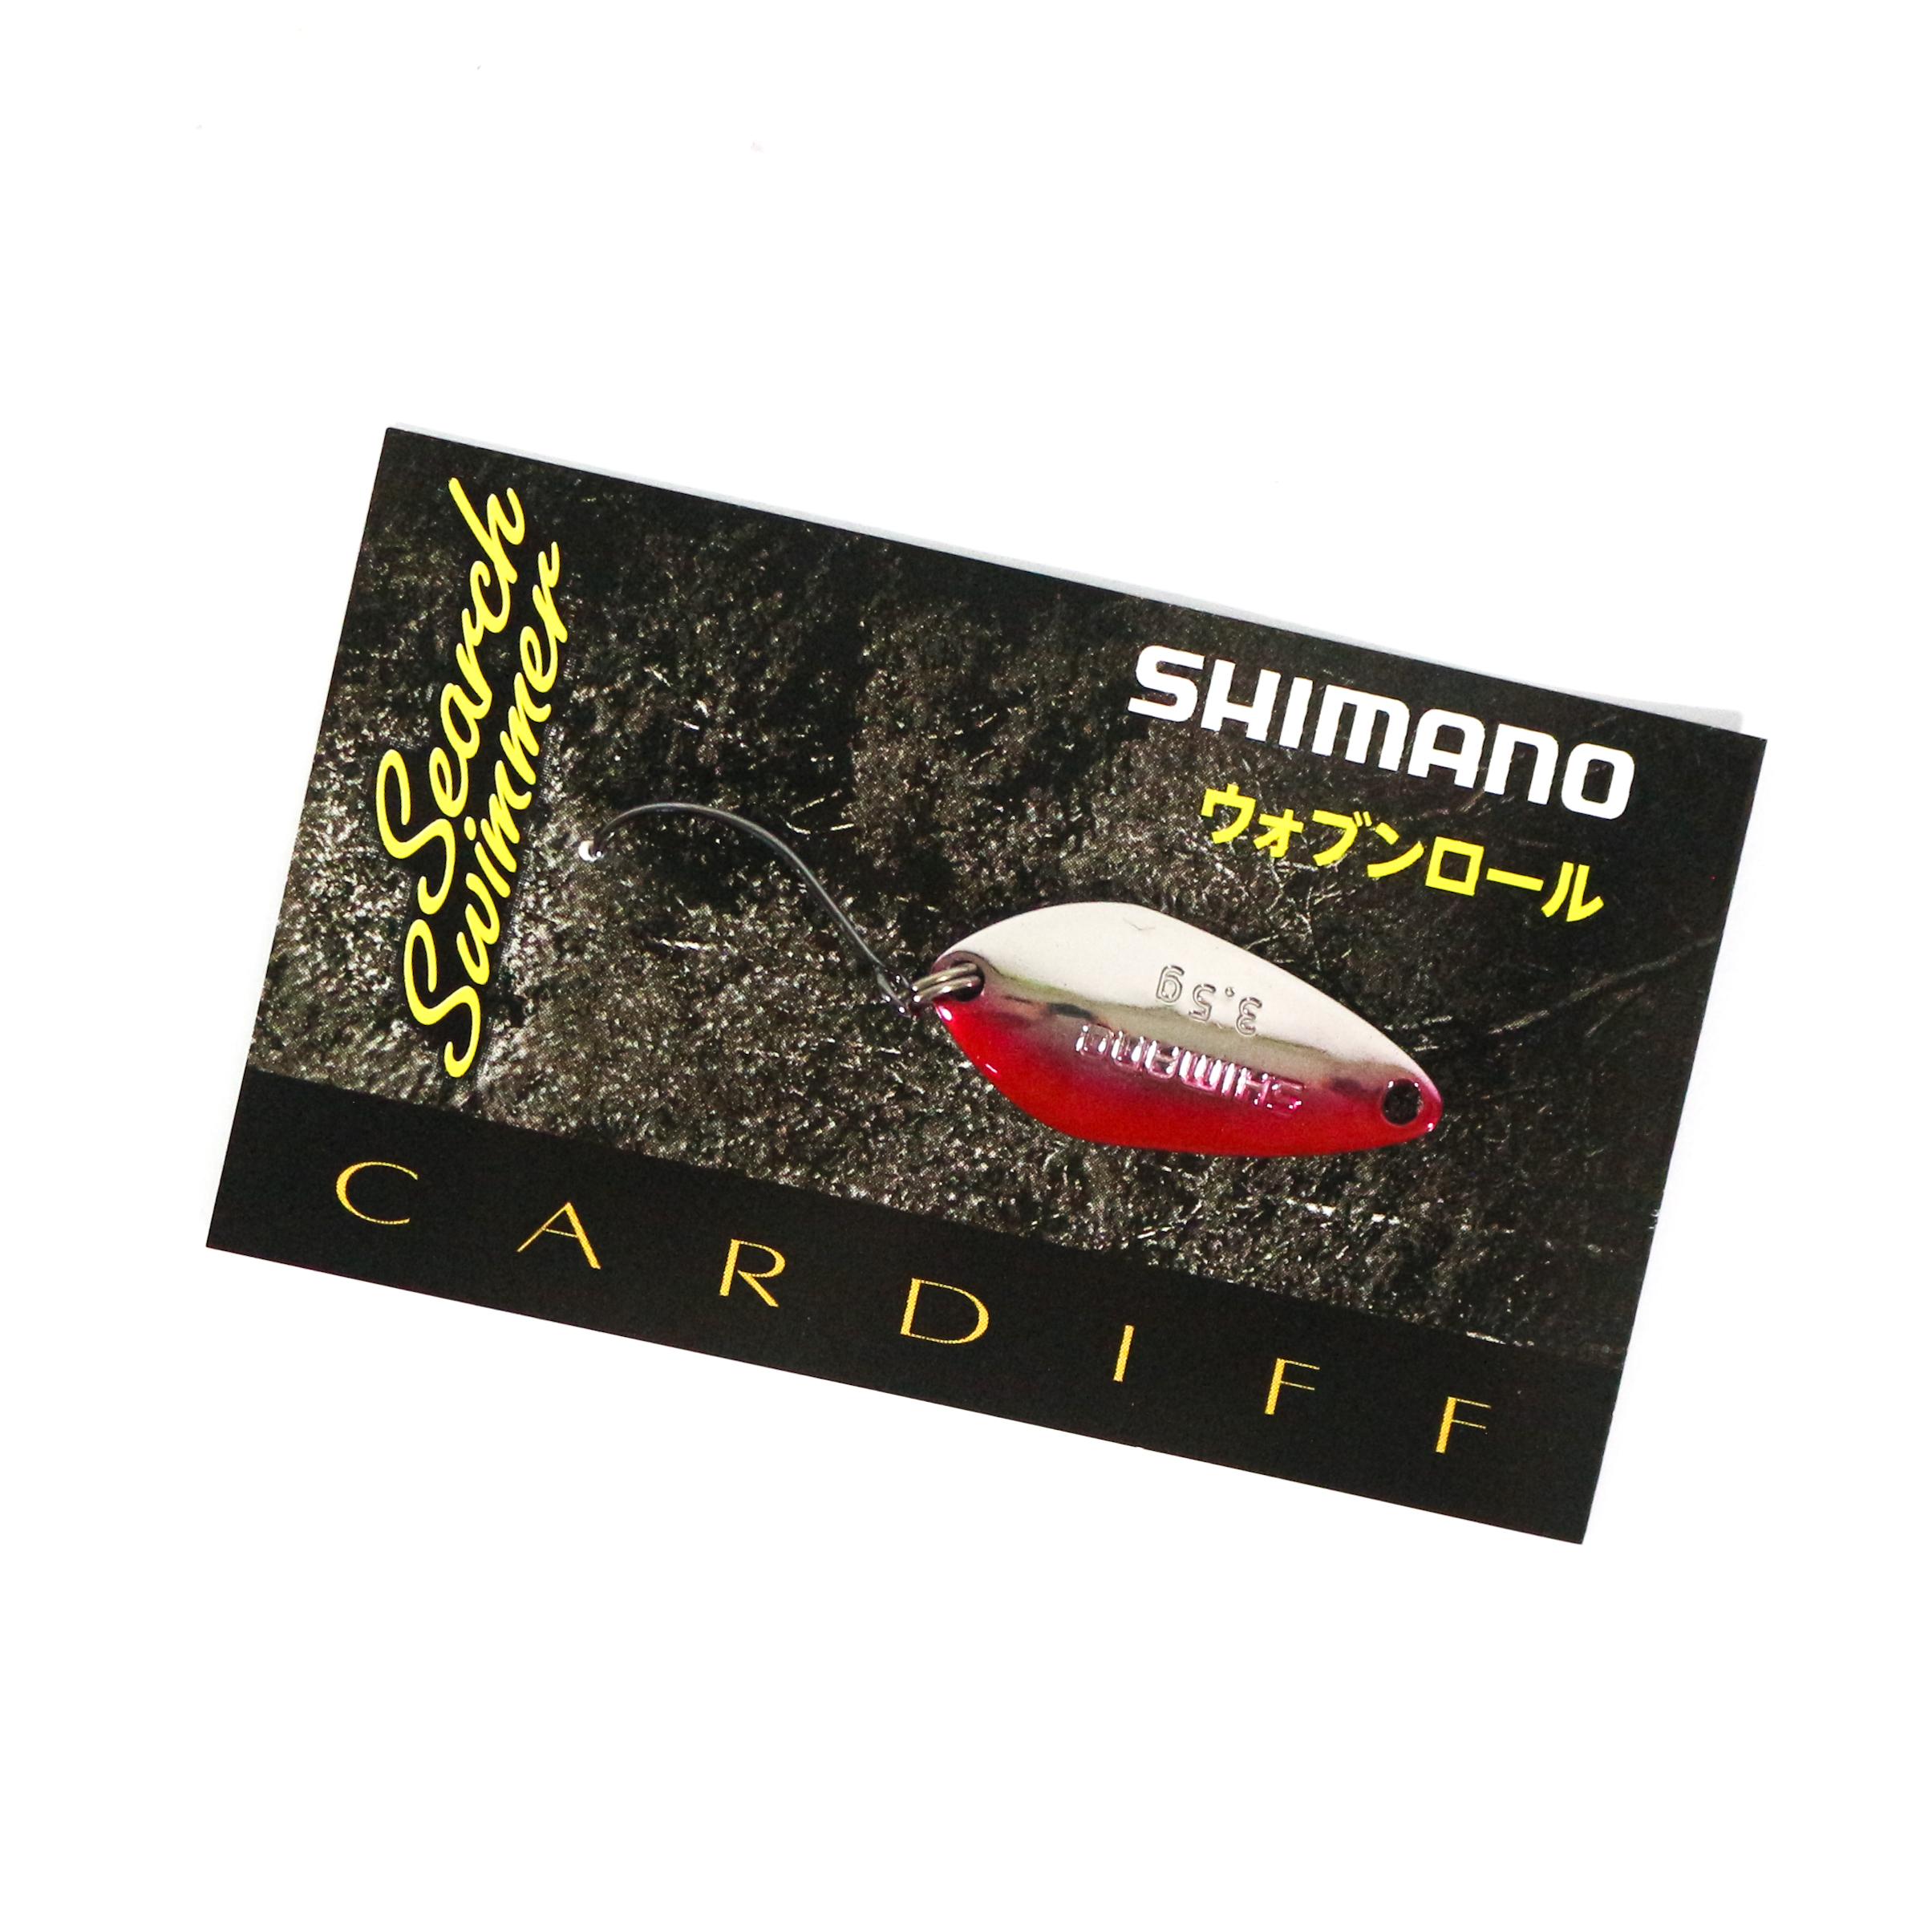 Shimano TR-235Q Cardiff Spoon 3.5 grams 60T 548986